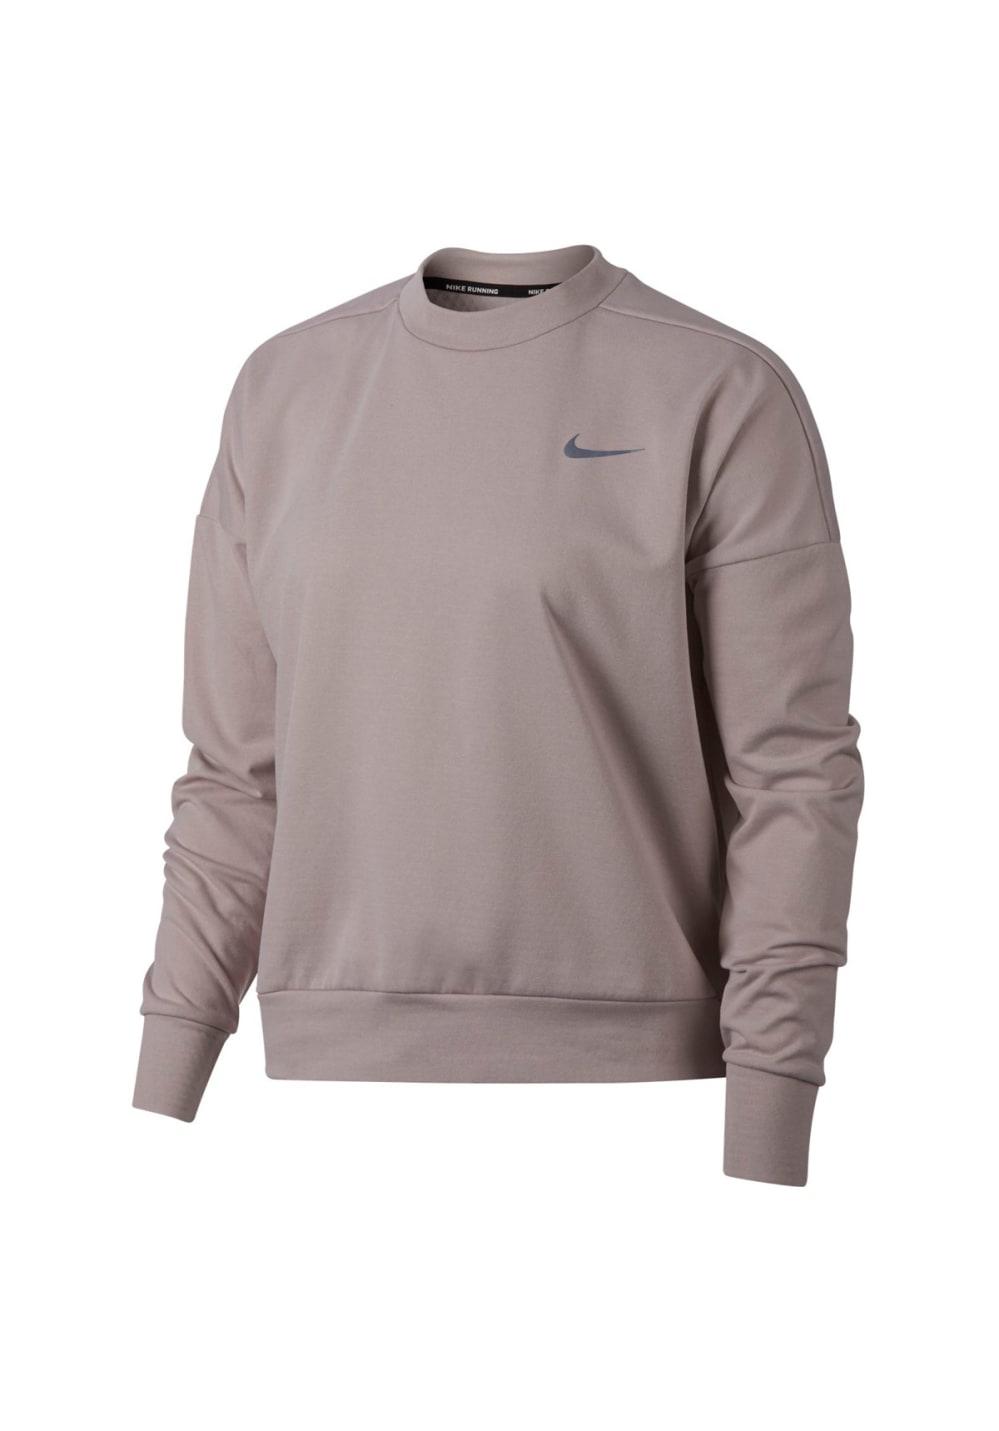 Nike Therma Sphere Element Running Top Laufshirts für Damen Grau